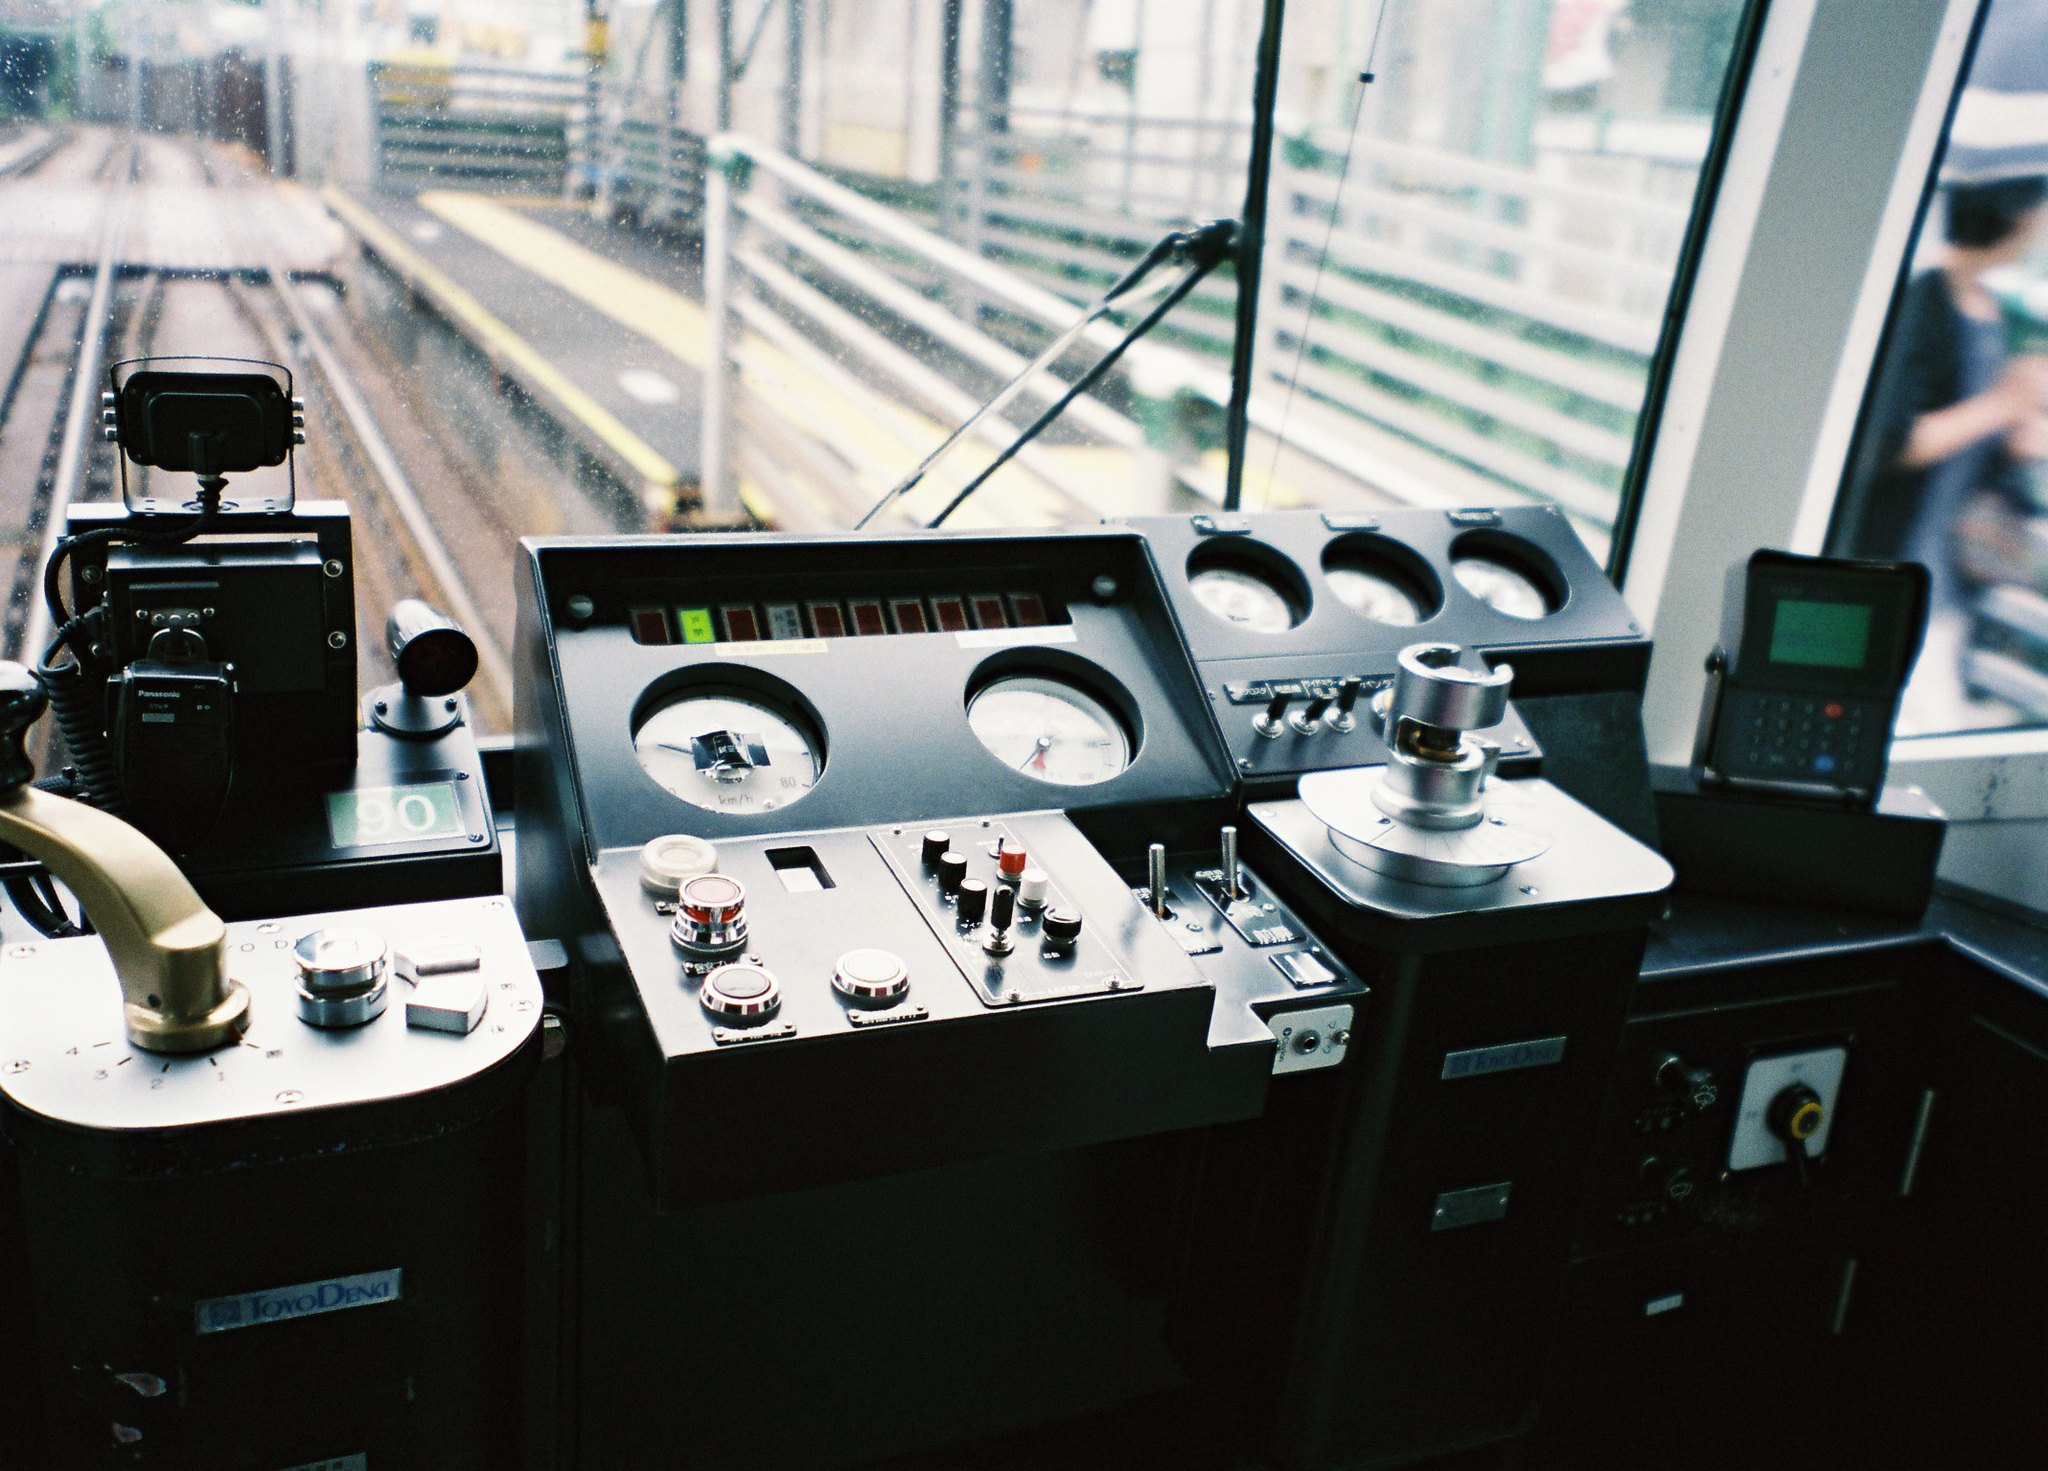 【スタッフコラム】私の好きなもの『電車旅』